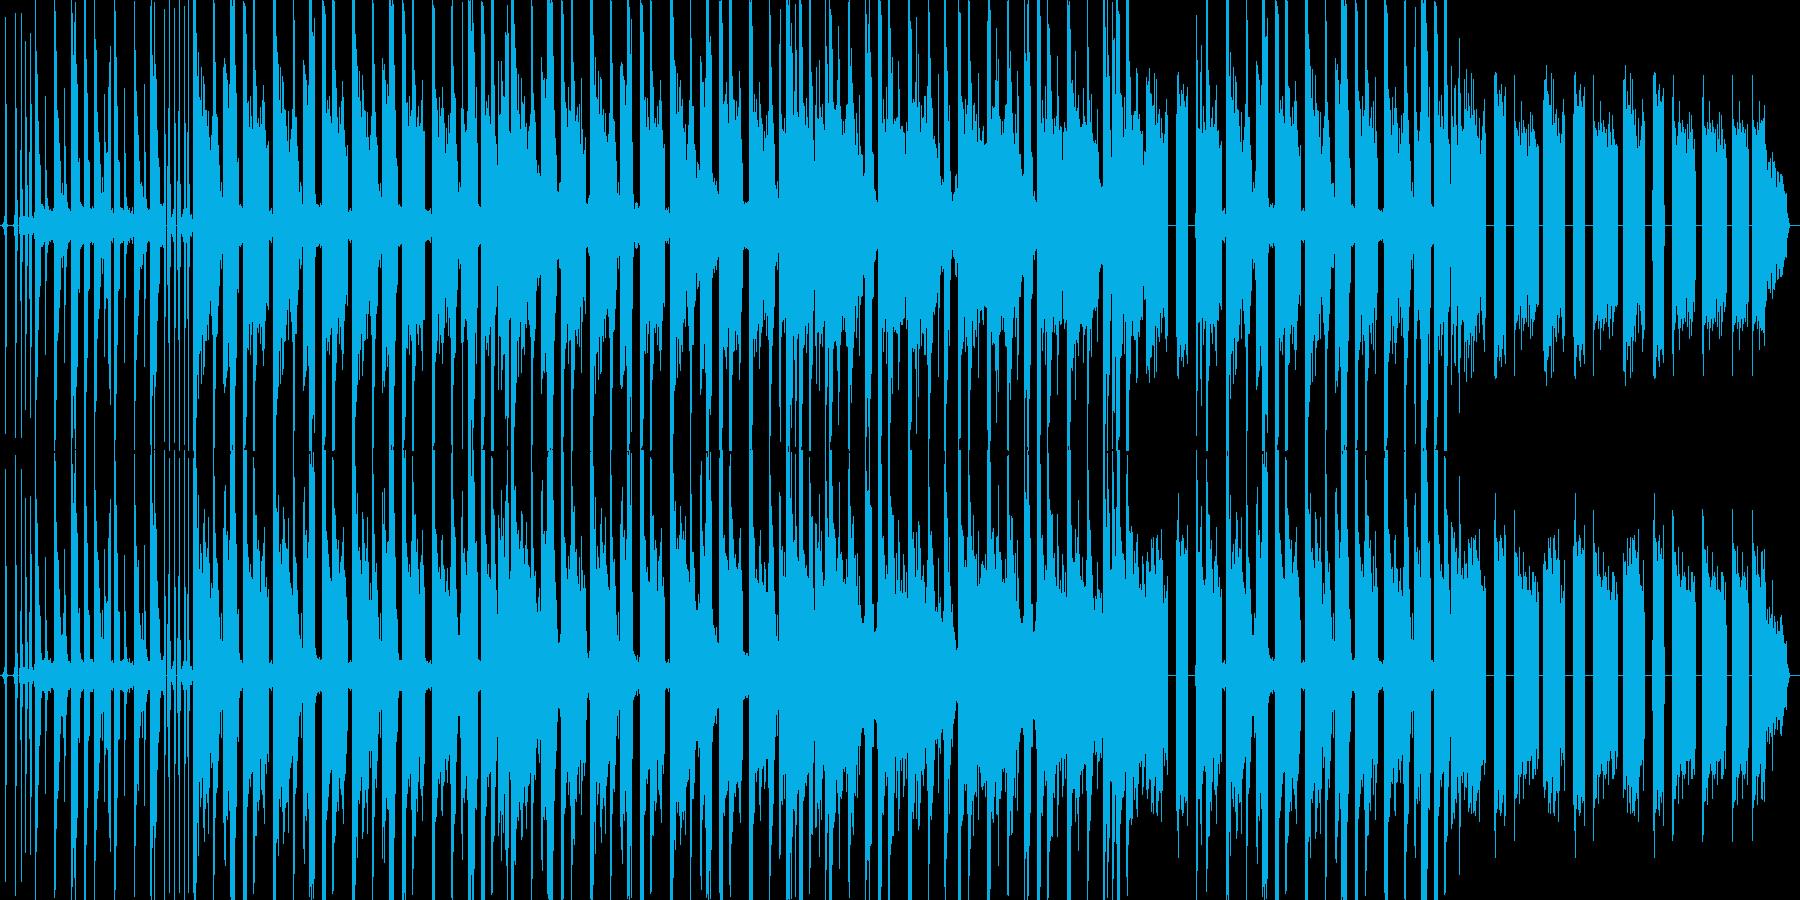 アングラで悪い感じのヒップホップトラックの再生済みの波形